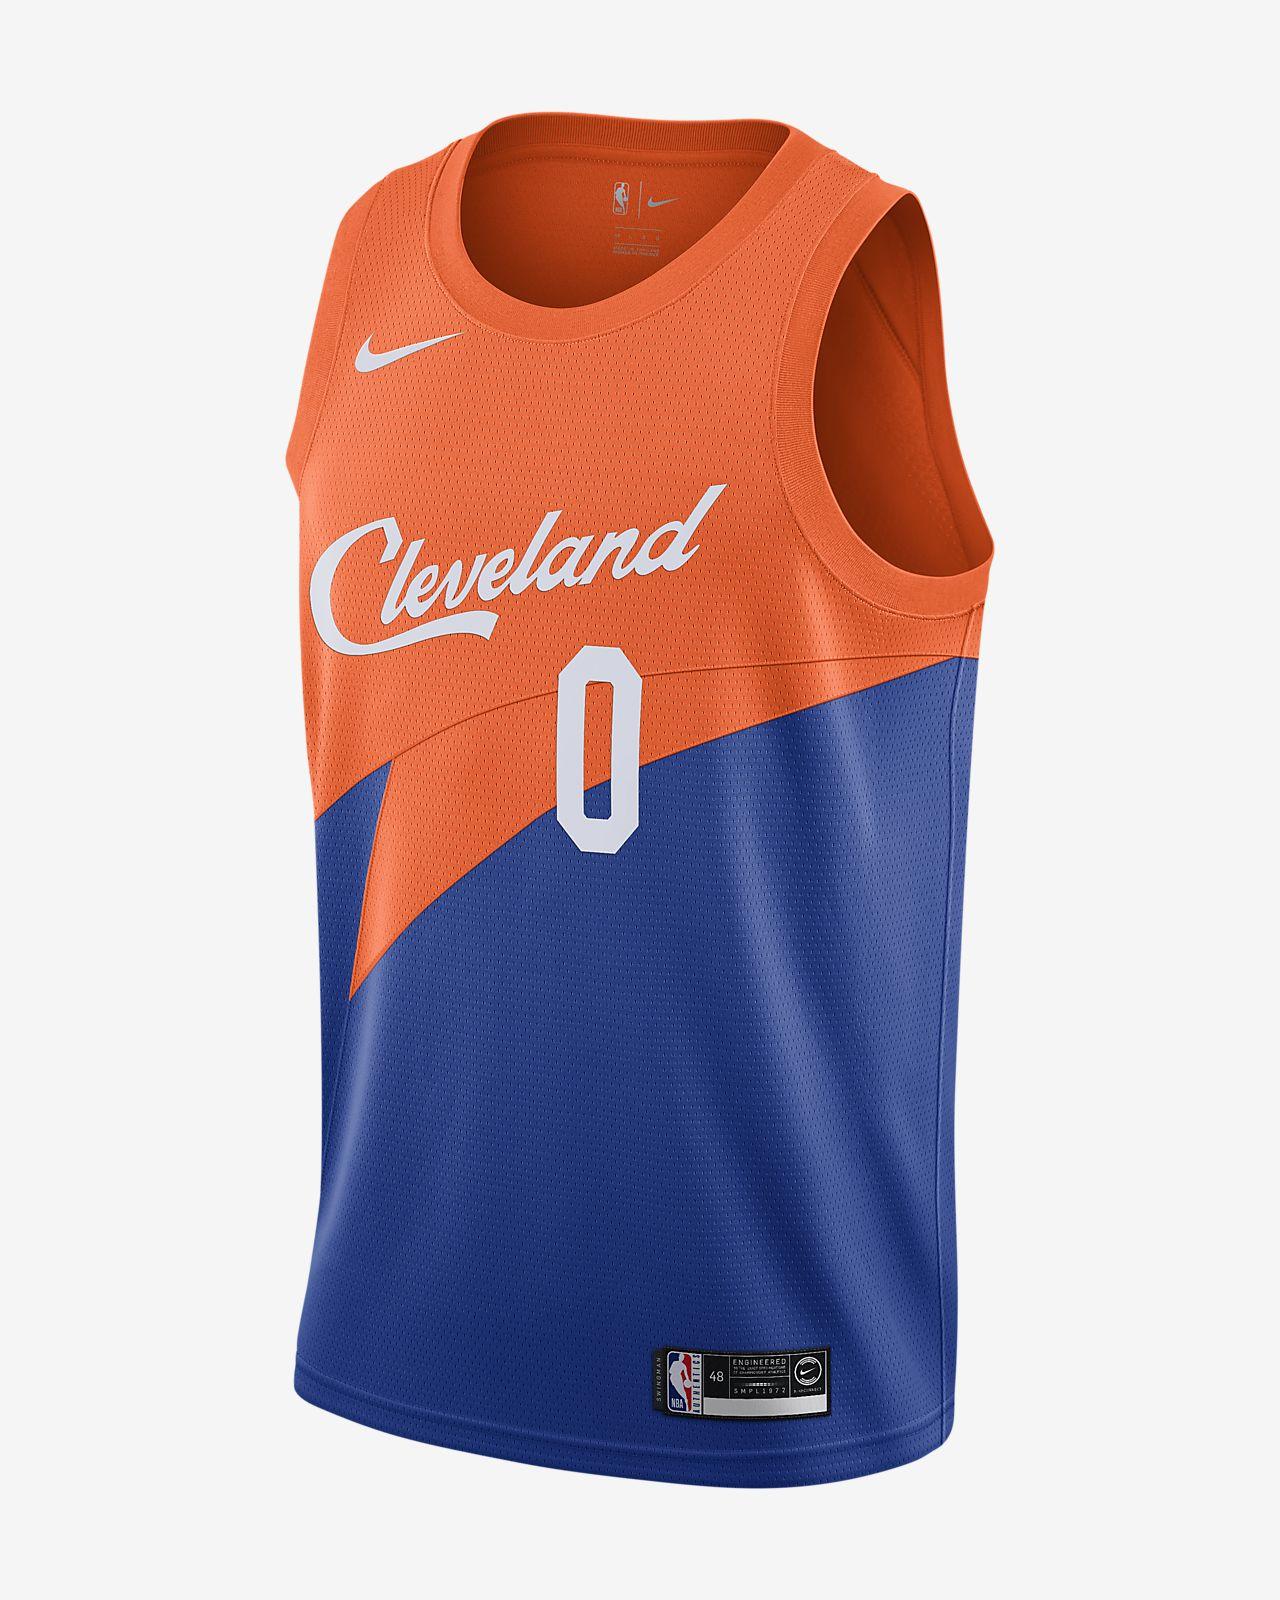 Camisola com ligação à NBA da Nike Kevin Love City Edition Swingman (Cleveland Cavaliers) para homem